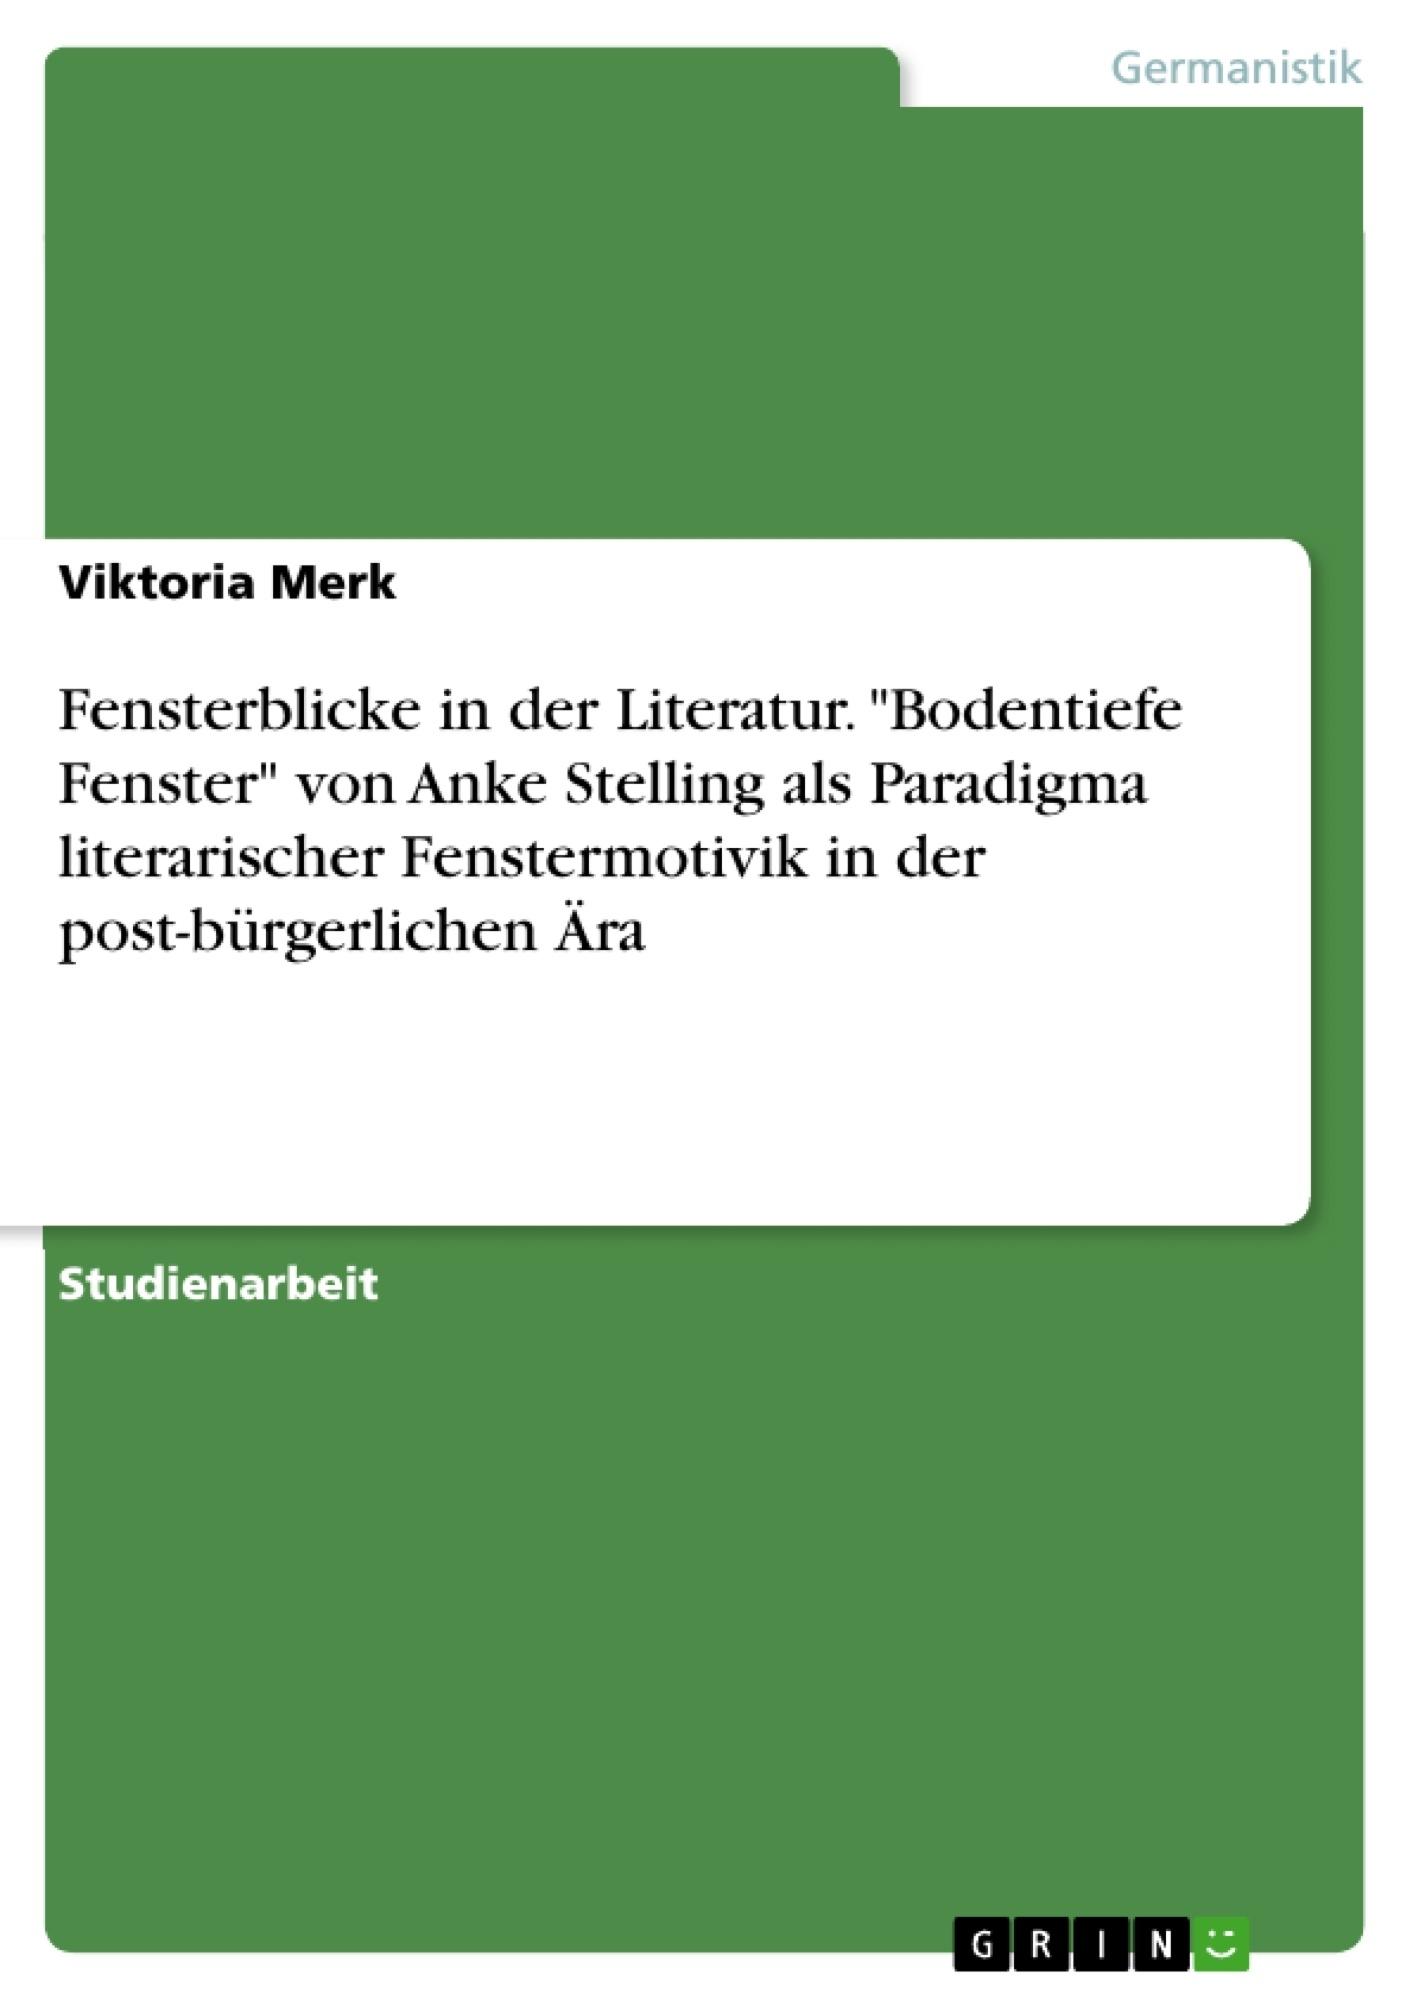 """Titel: Fensterblicke in der Literatur. """"Bodentiefe Fenster"""" von Anke Stelling als Paradigma literarischer Fenstermotivik in der post-bürgerlichen Ära"""